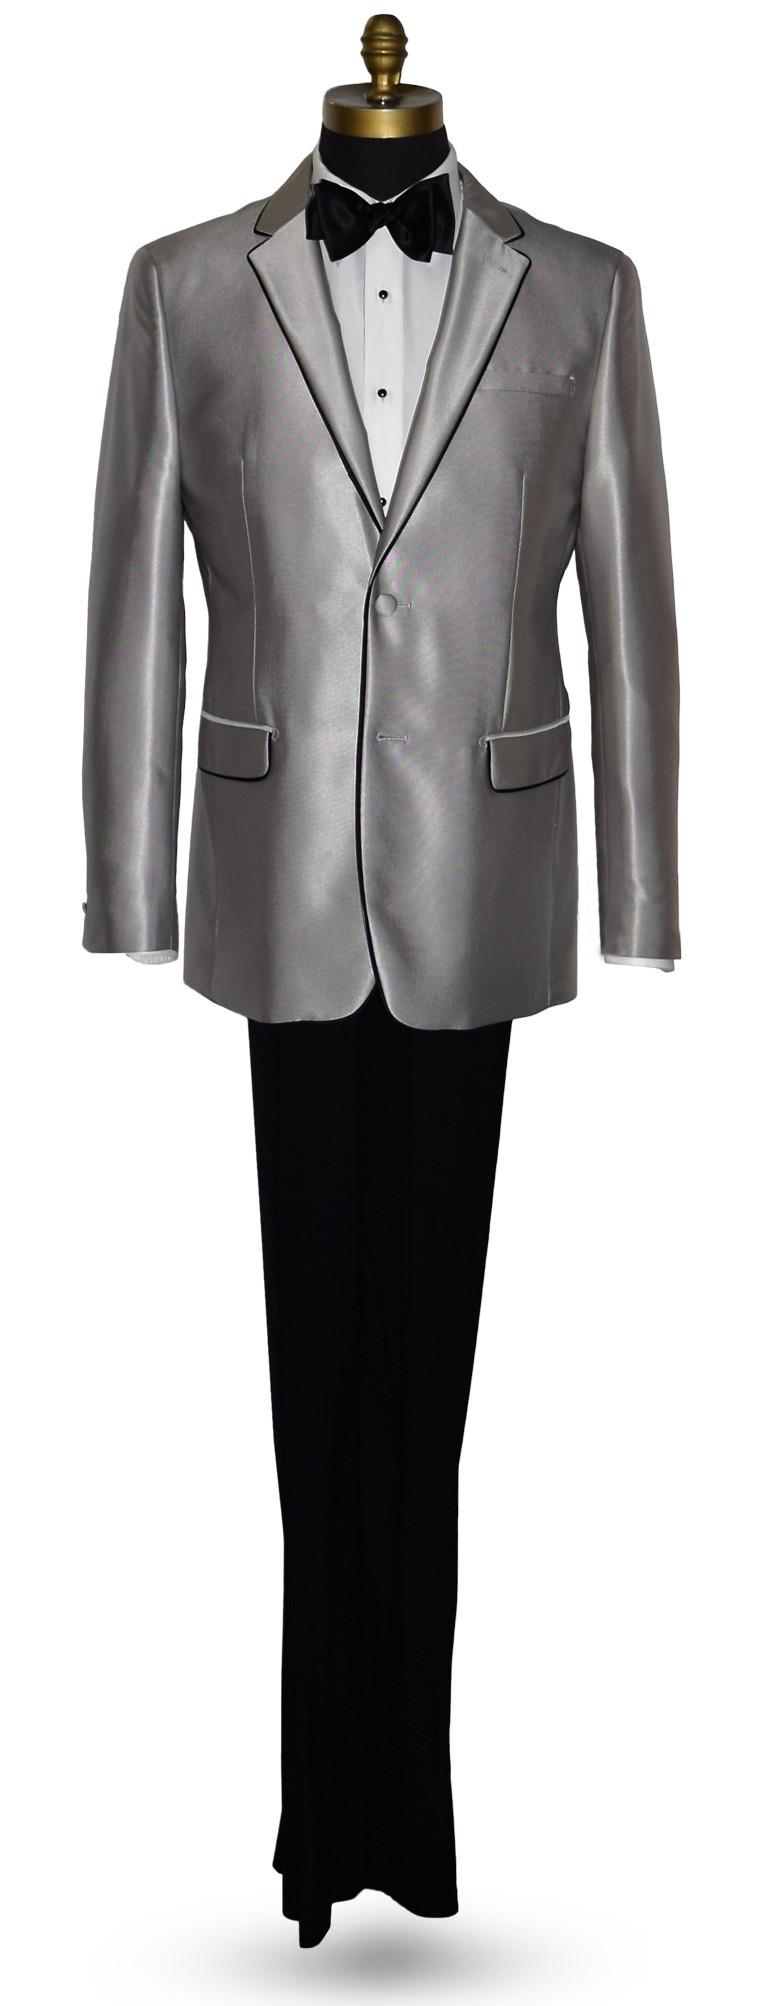 Versace Platinum Tuxedo-Suit with Black Pants